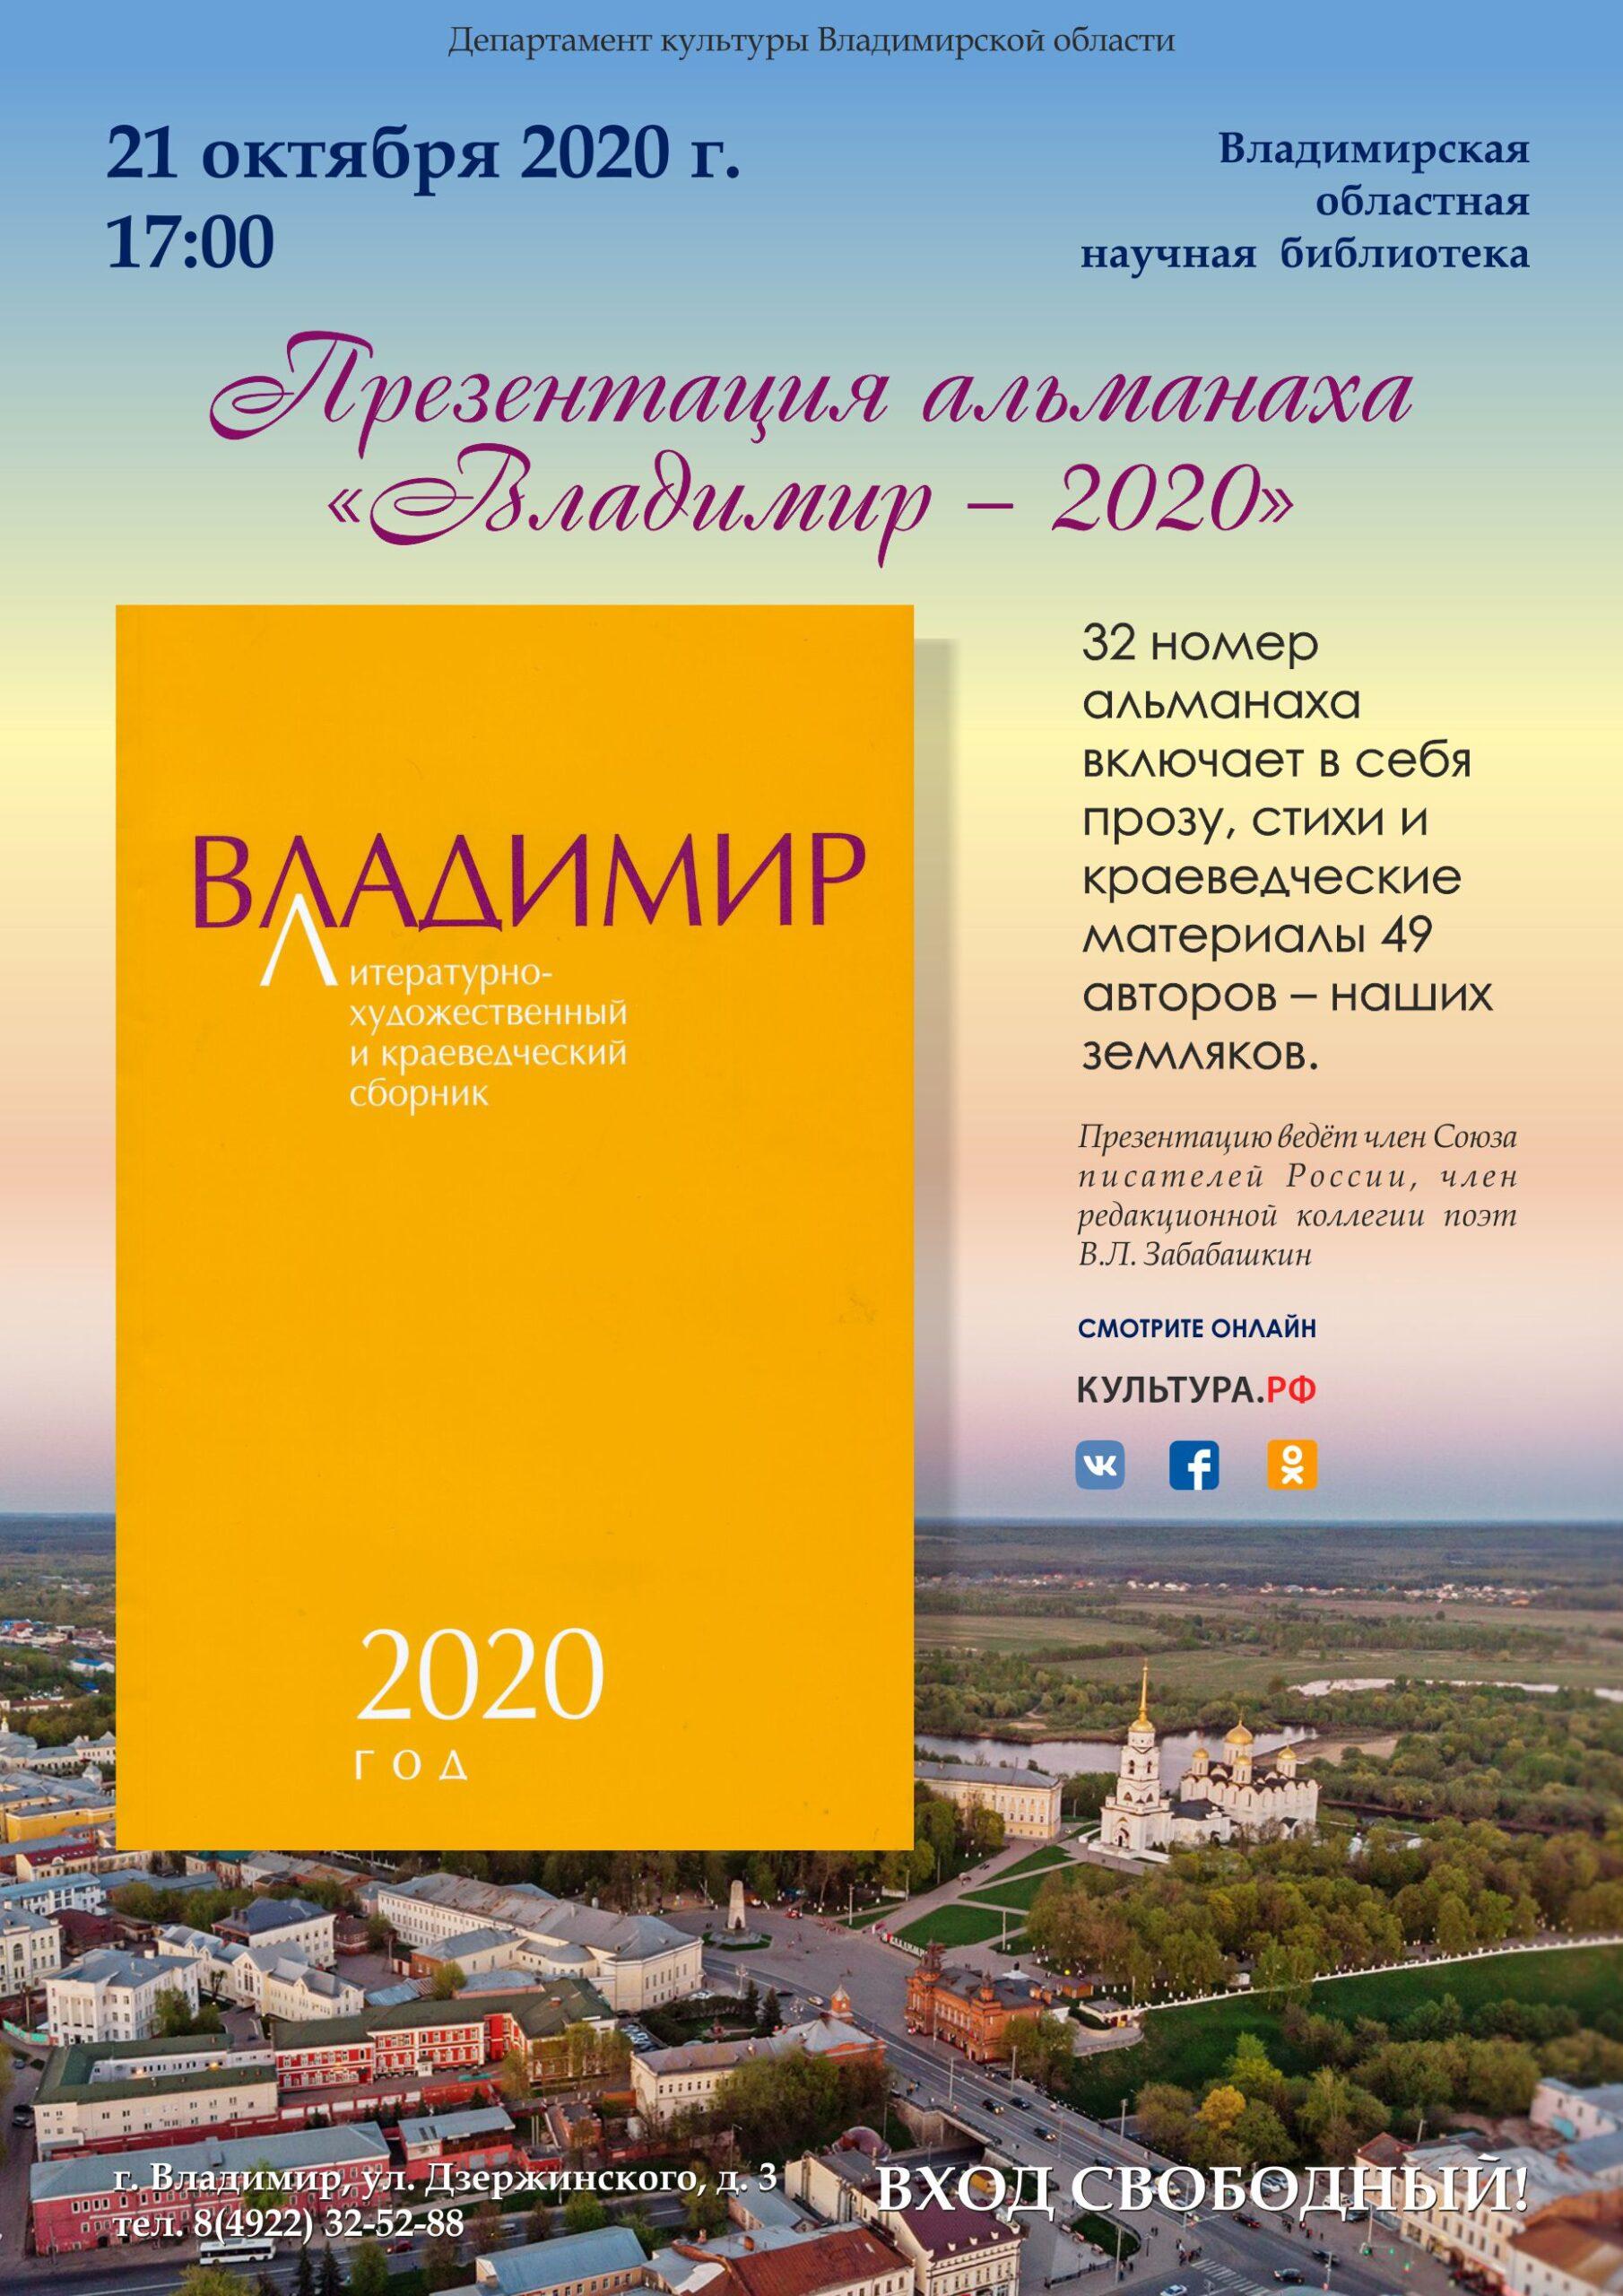 Афиша альманаха Владимир-2020